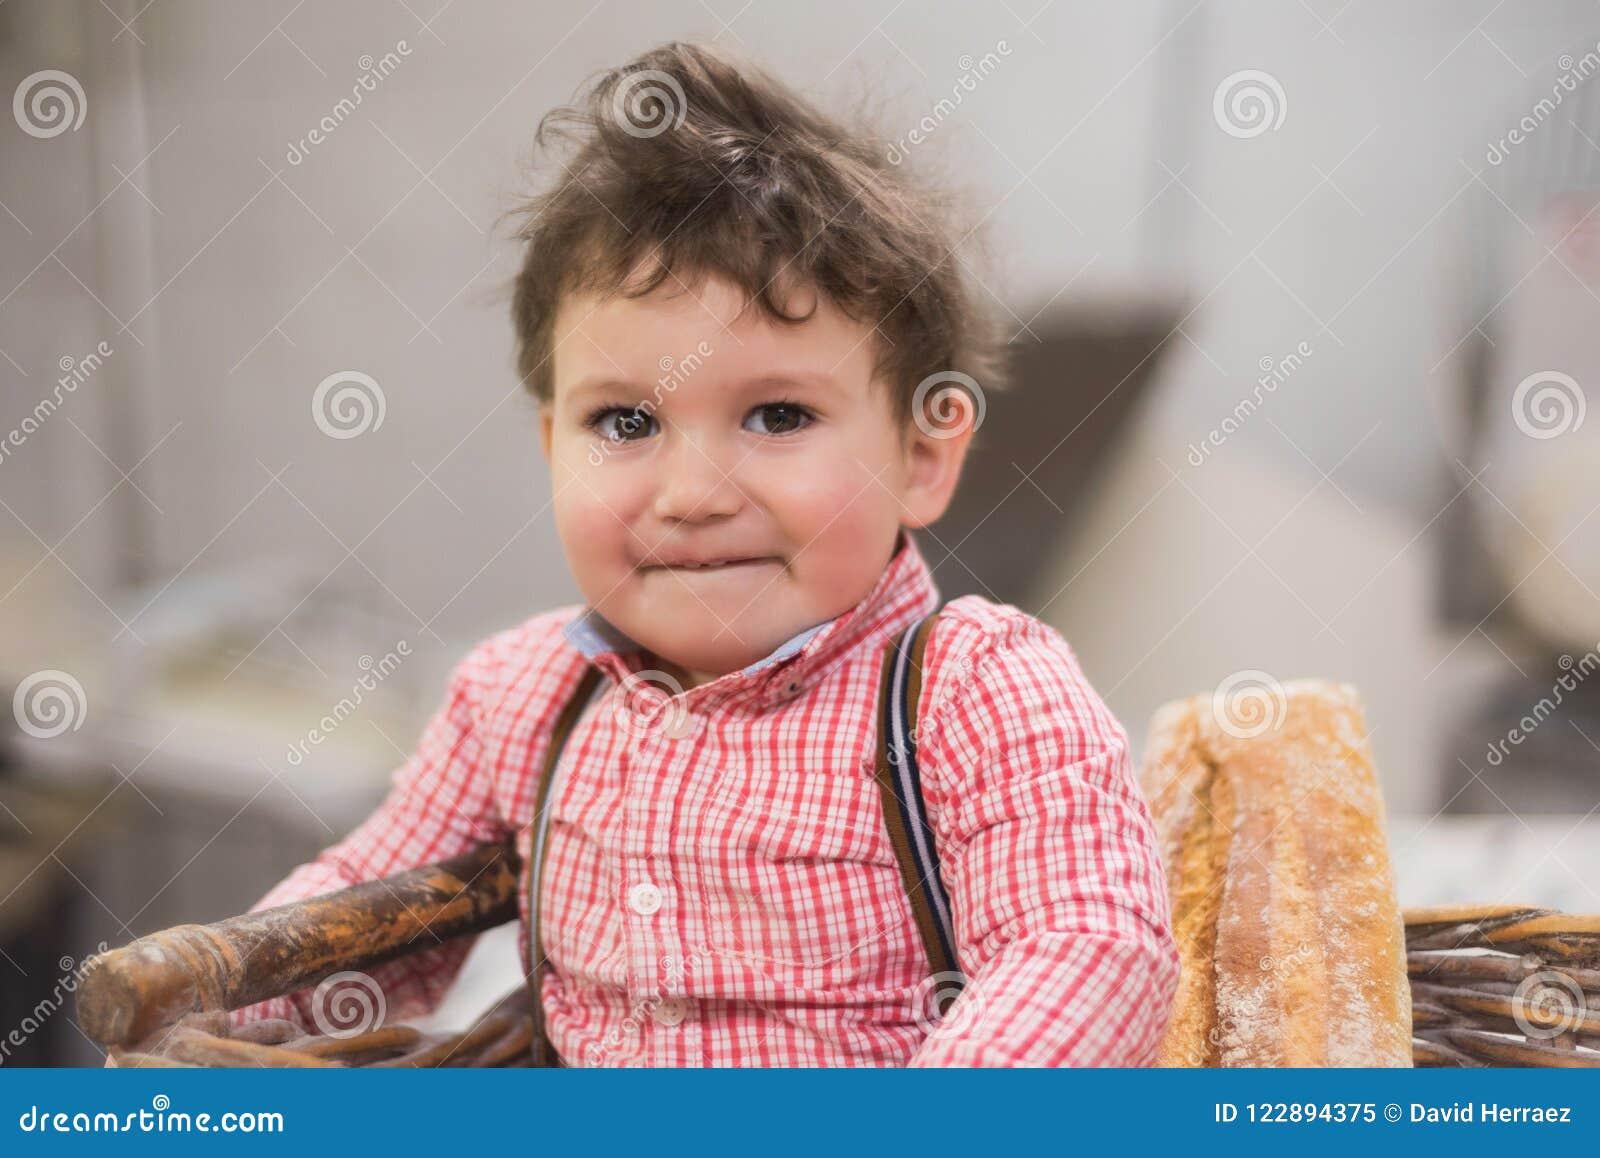 Πορτρέτο ενός χαριτωμένου μωρού μέσα σε ένα καλάθι με το ψωμί στο αρτοποιείο